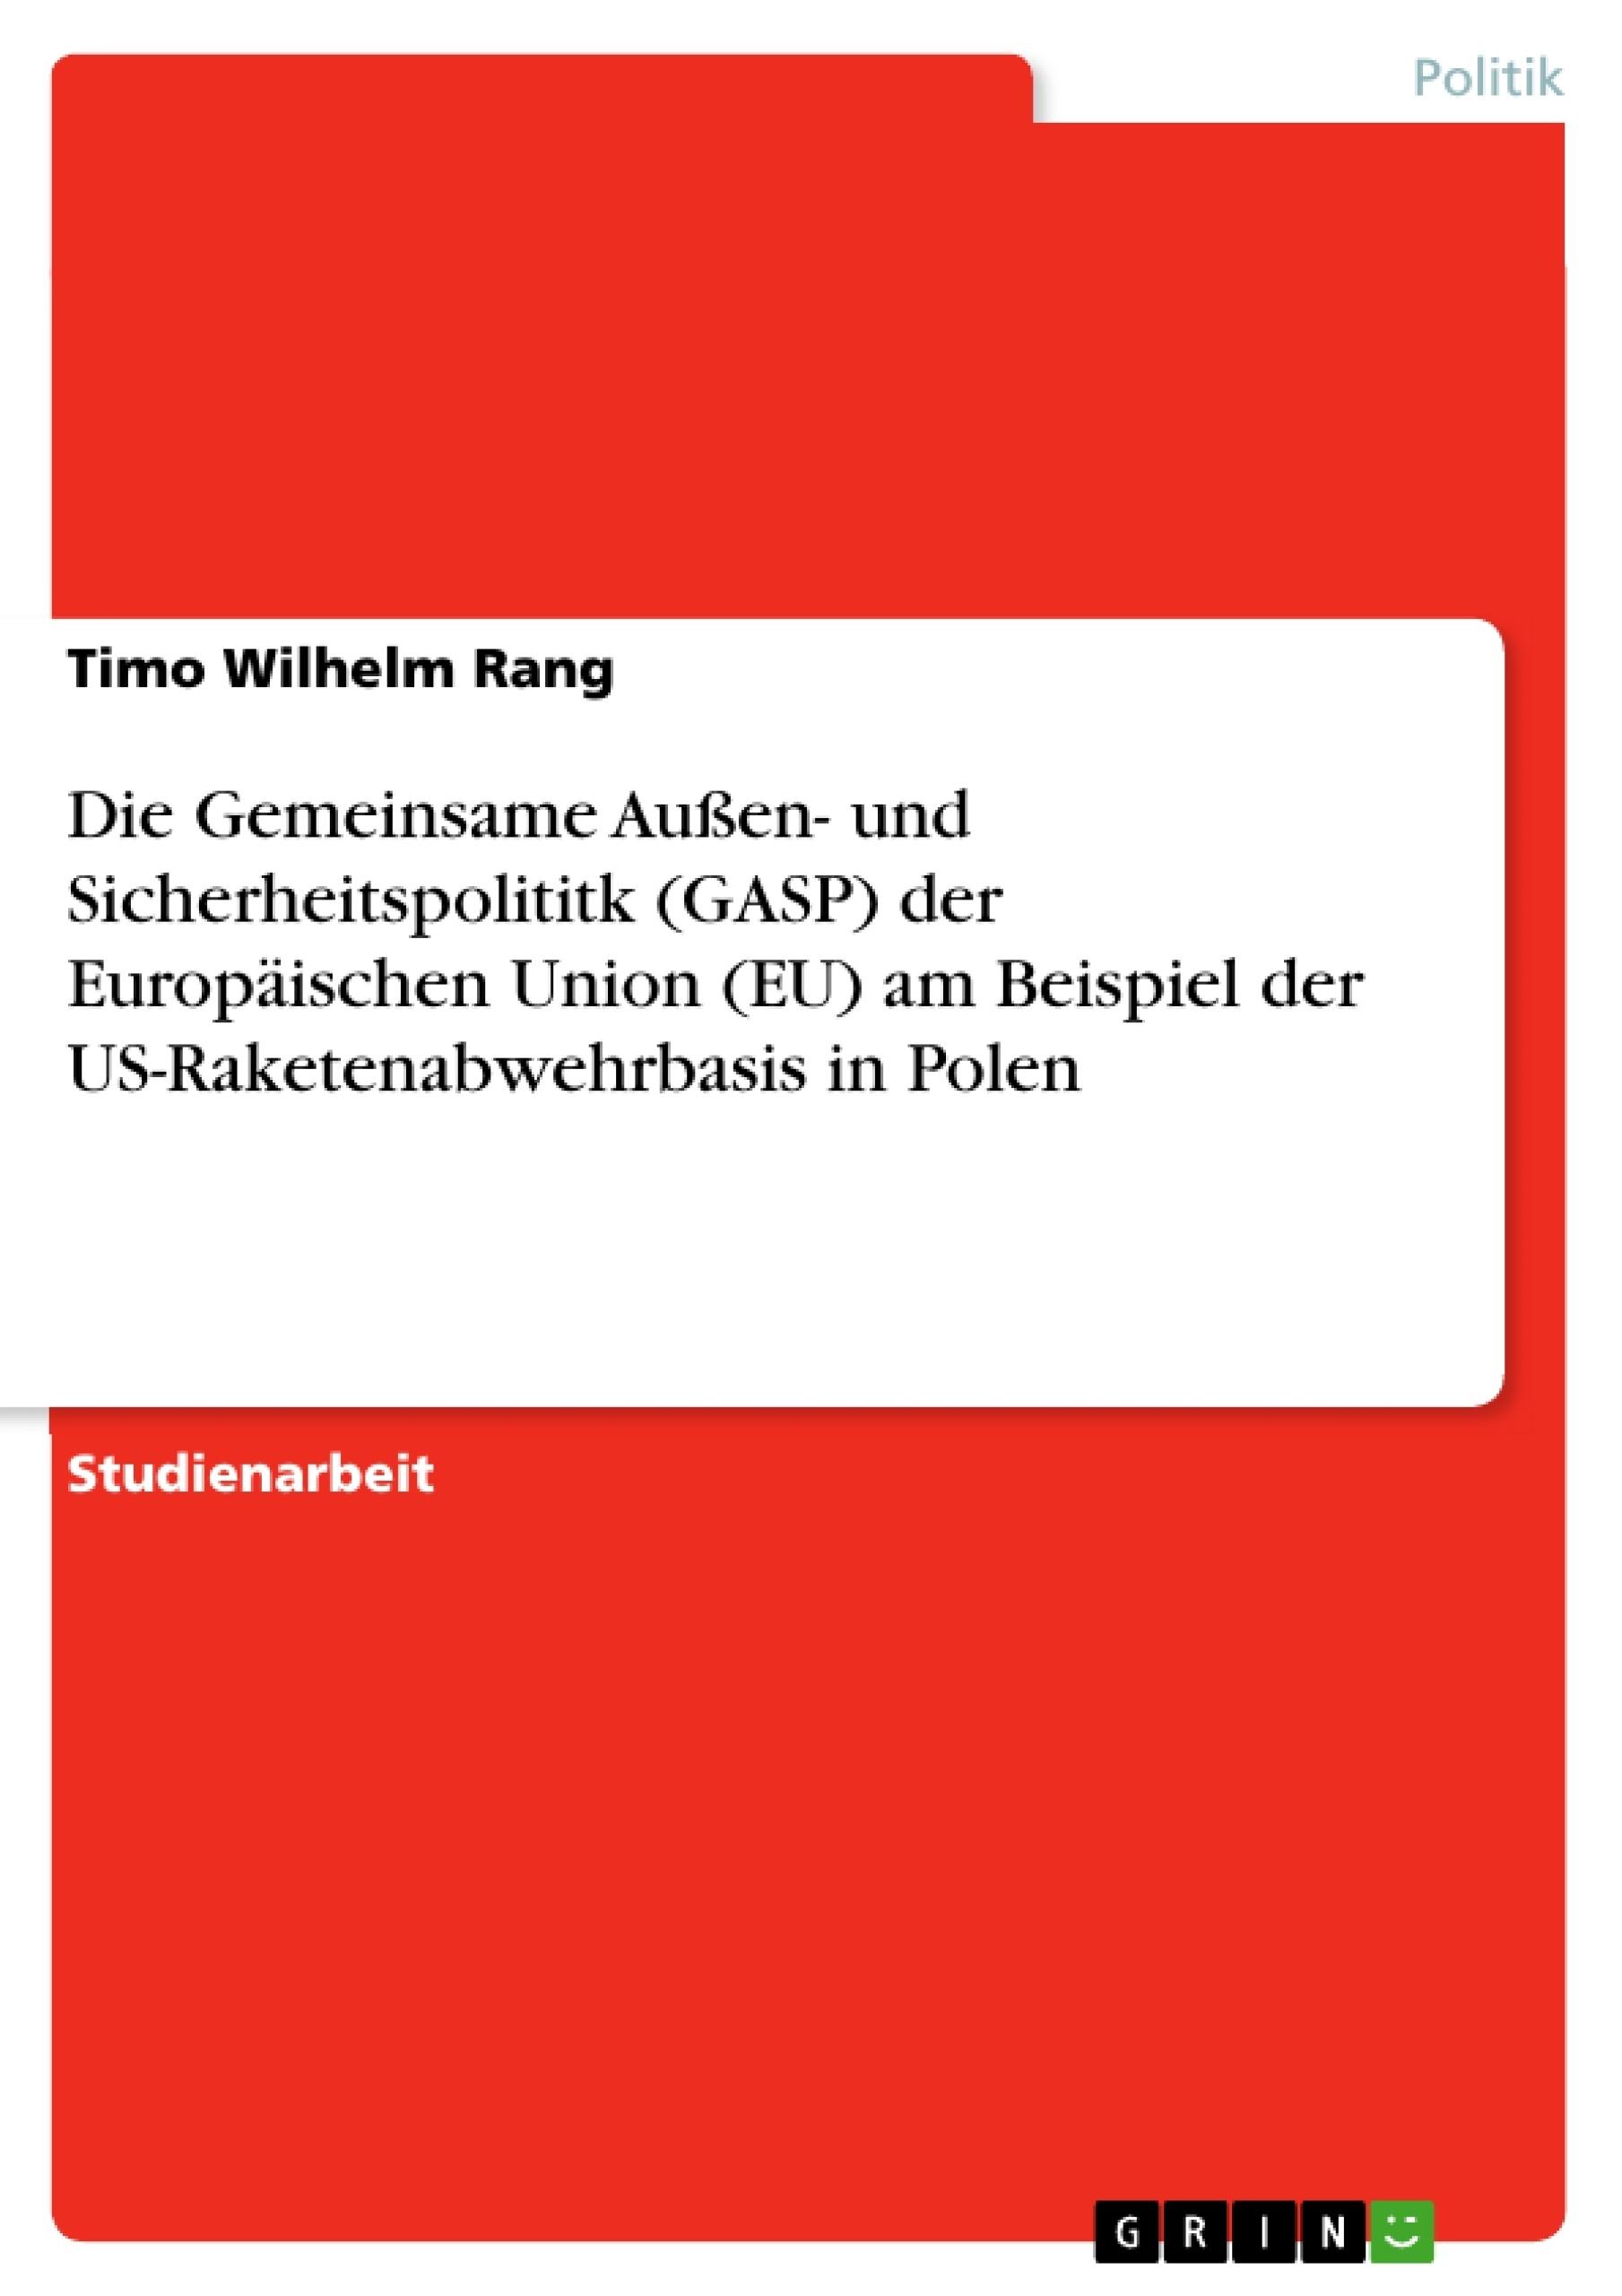 Titel: Die Gemeinsame Außen- und Sicherheitspolititk (GASP) der Europäischen Union (EU) am Beispiel der US-Raketenabwehrbasis in Polen